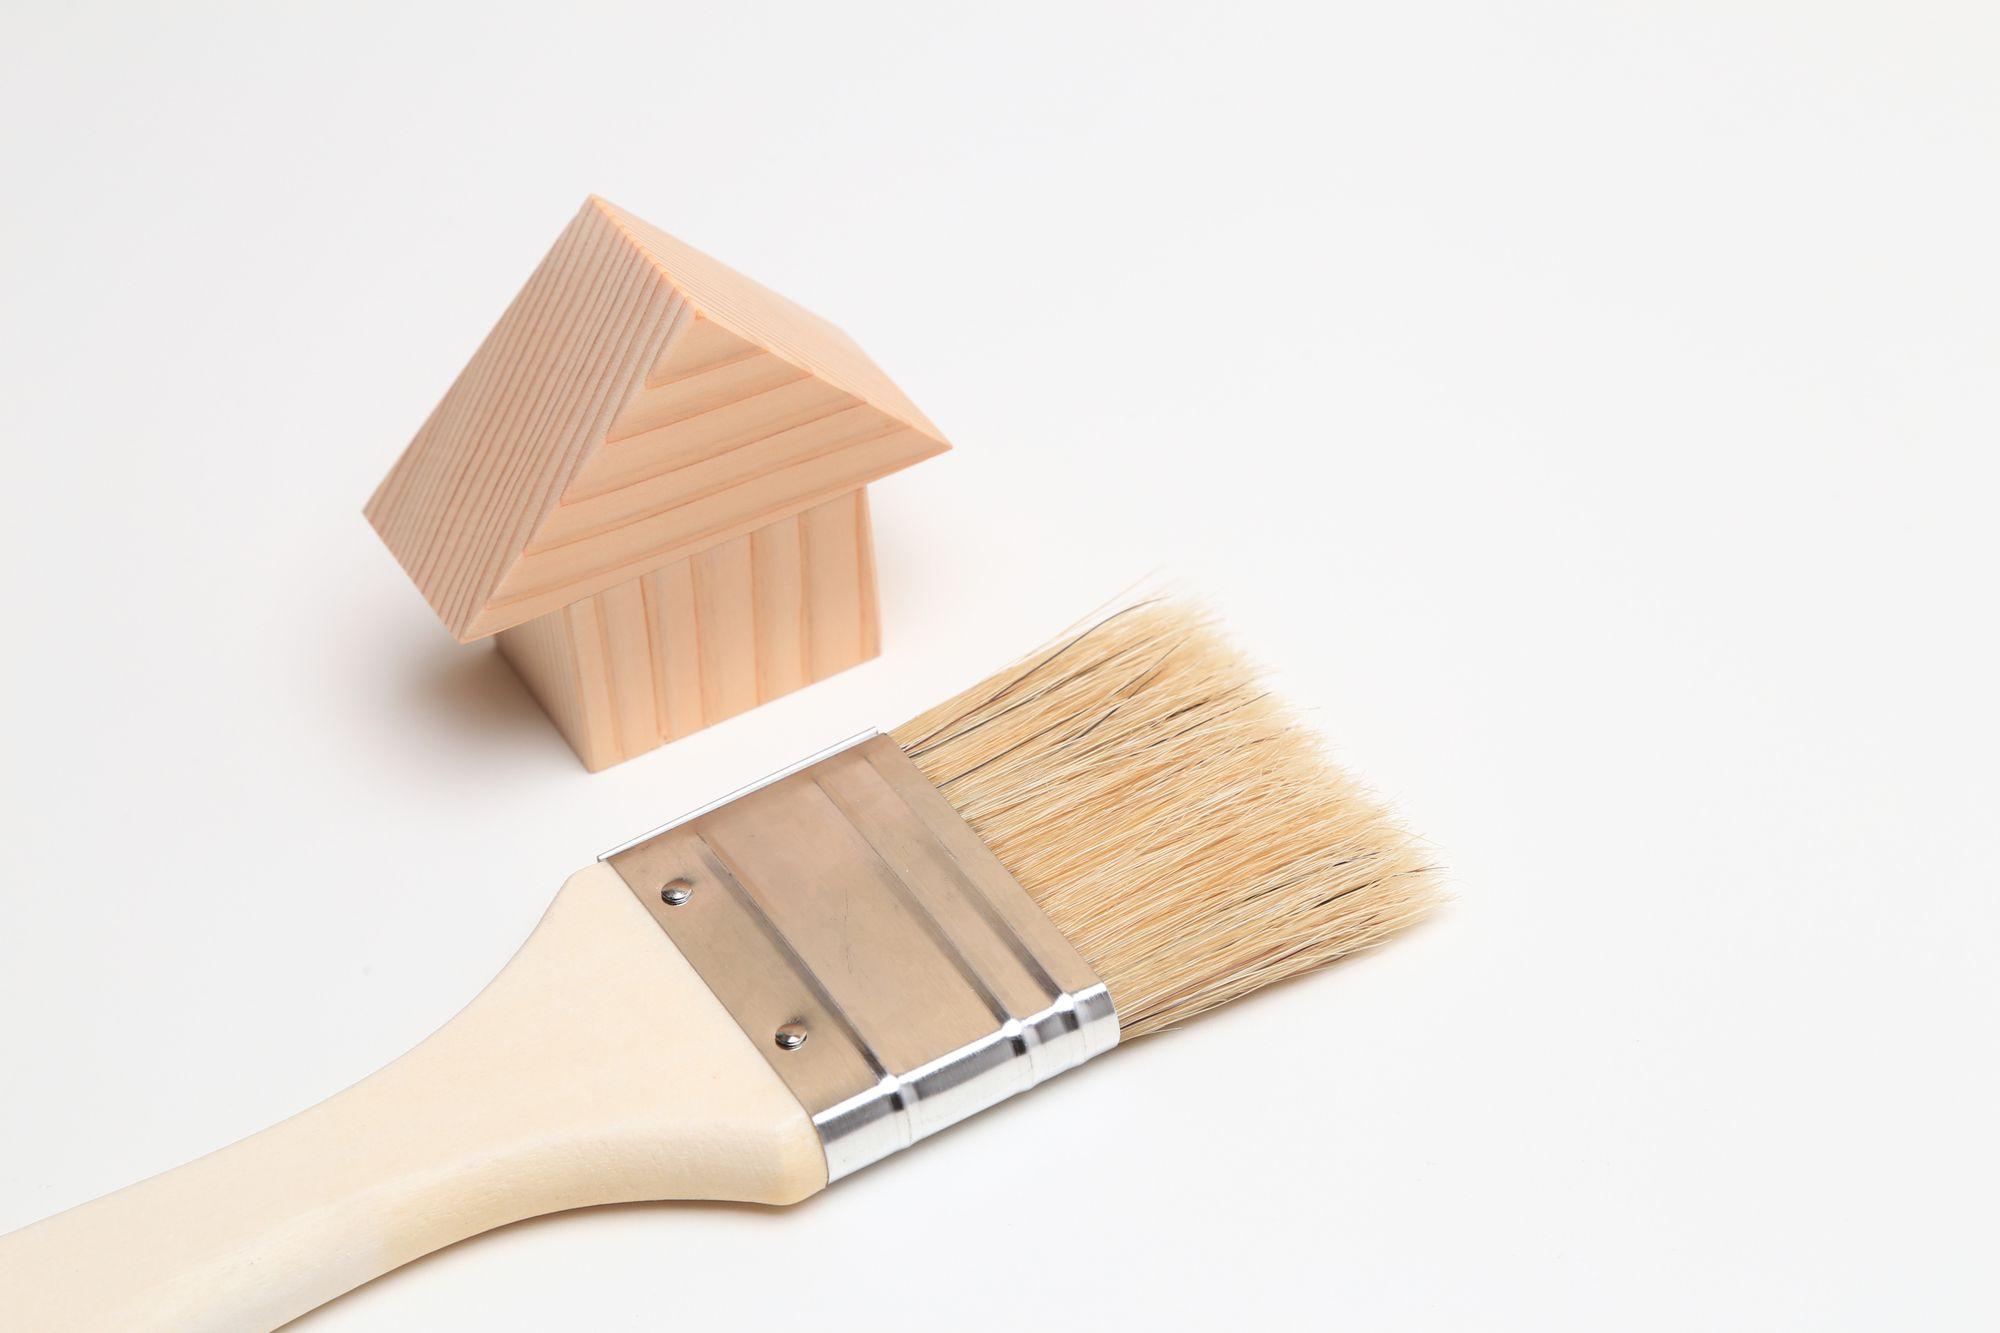 外壁塗装工事の正しい手順とは?